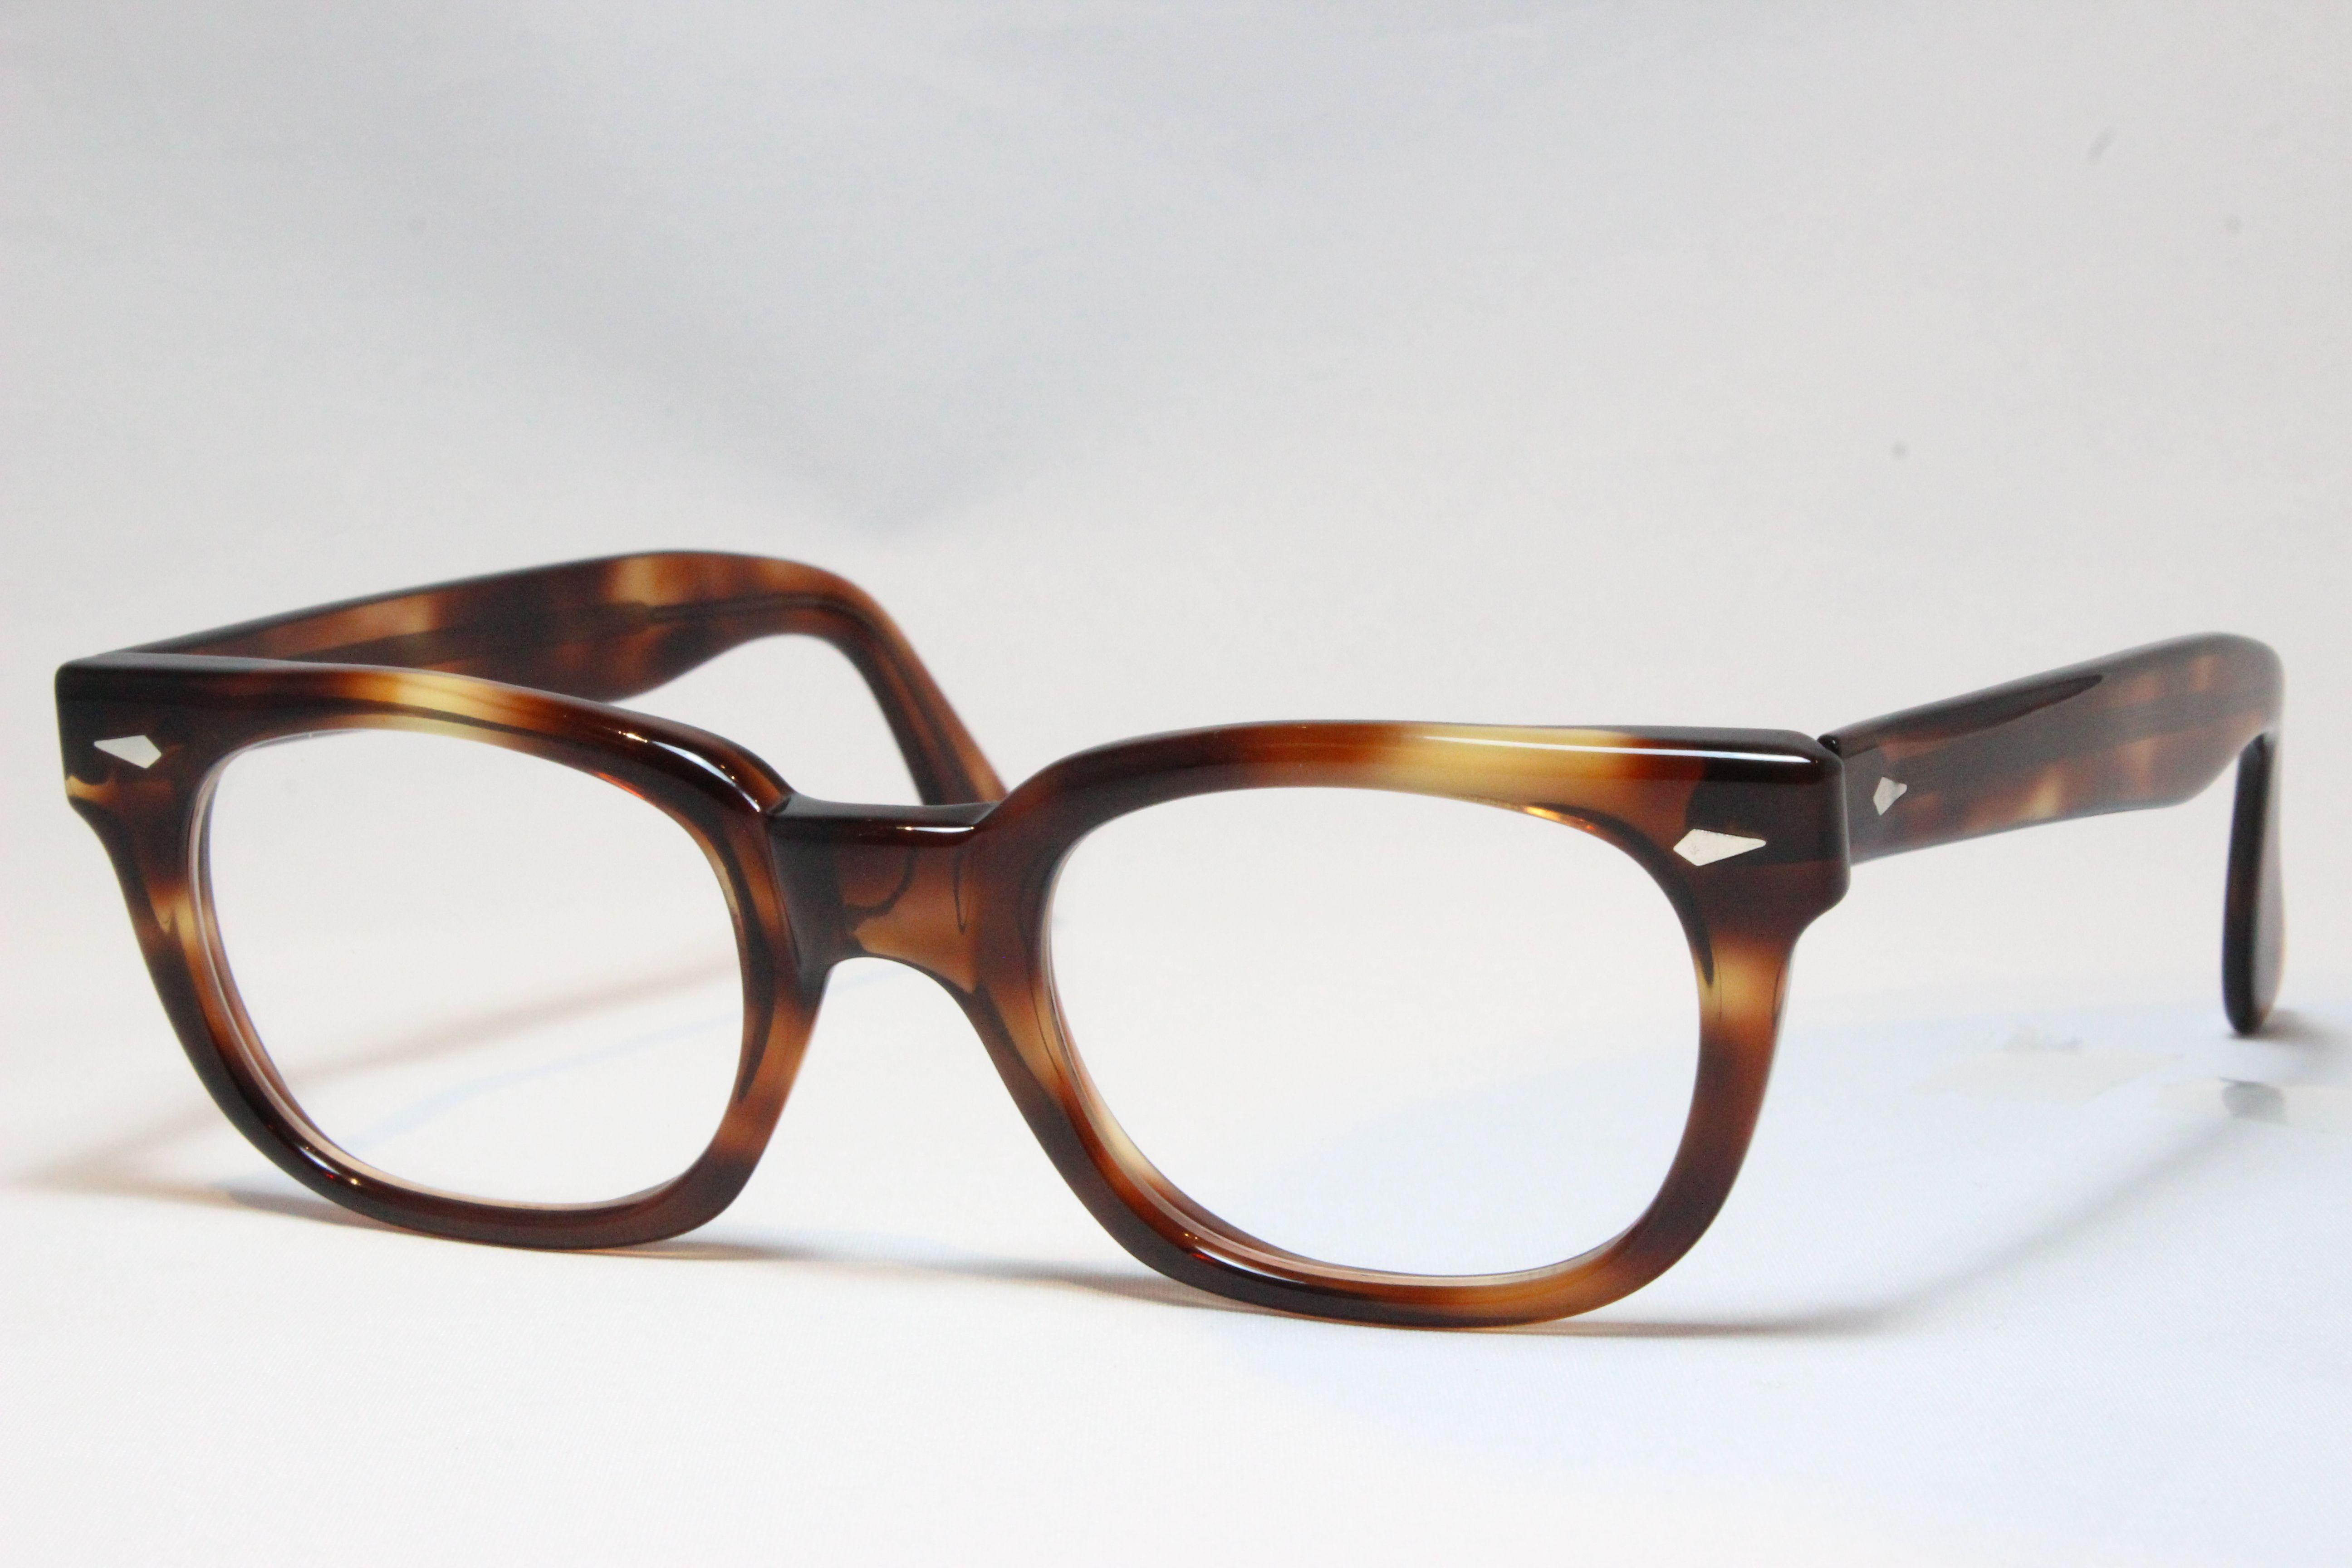 【送料無料】AMERICAN OPTICAL 1960'S DEMI BROWN アメリカンオプティカル ヴィンテージメガネ (AO-027)